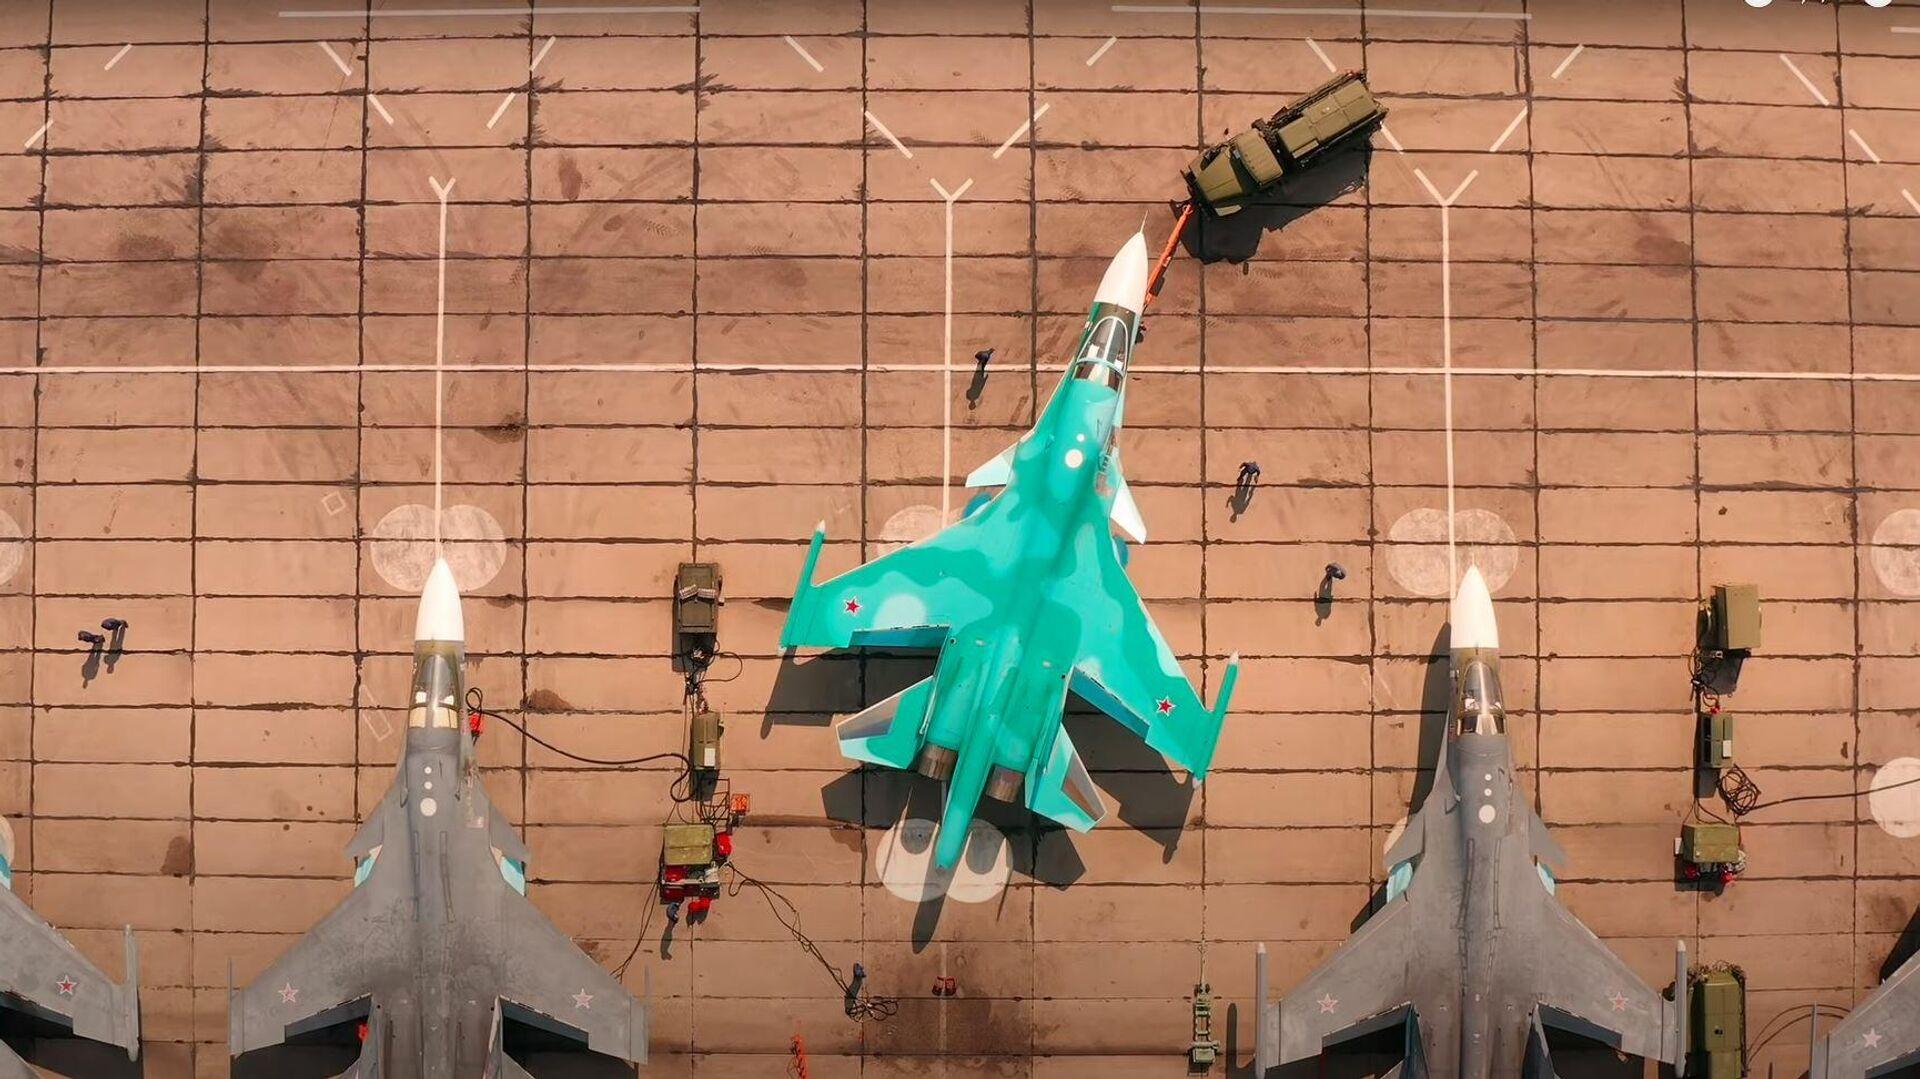 Cazabombarderos Su-34 - Sputnik Mundo, 1920, 11.09.2021